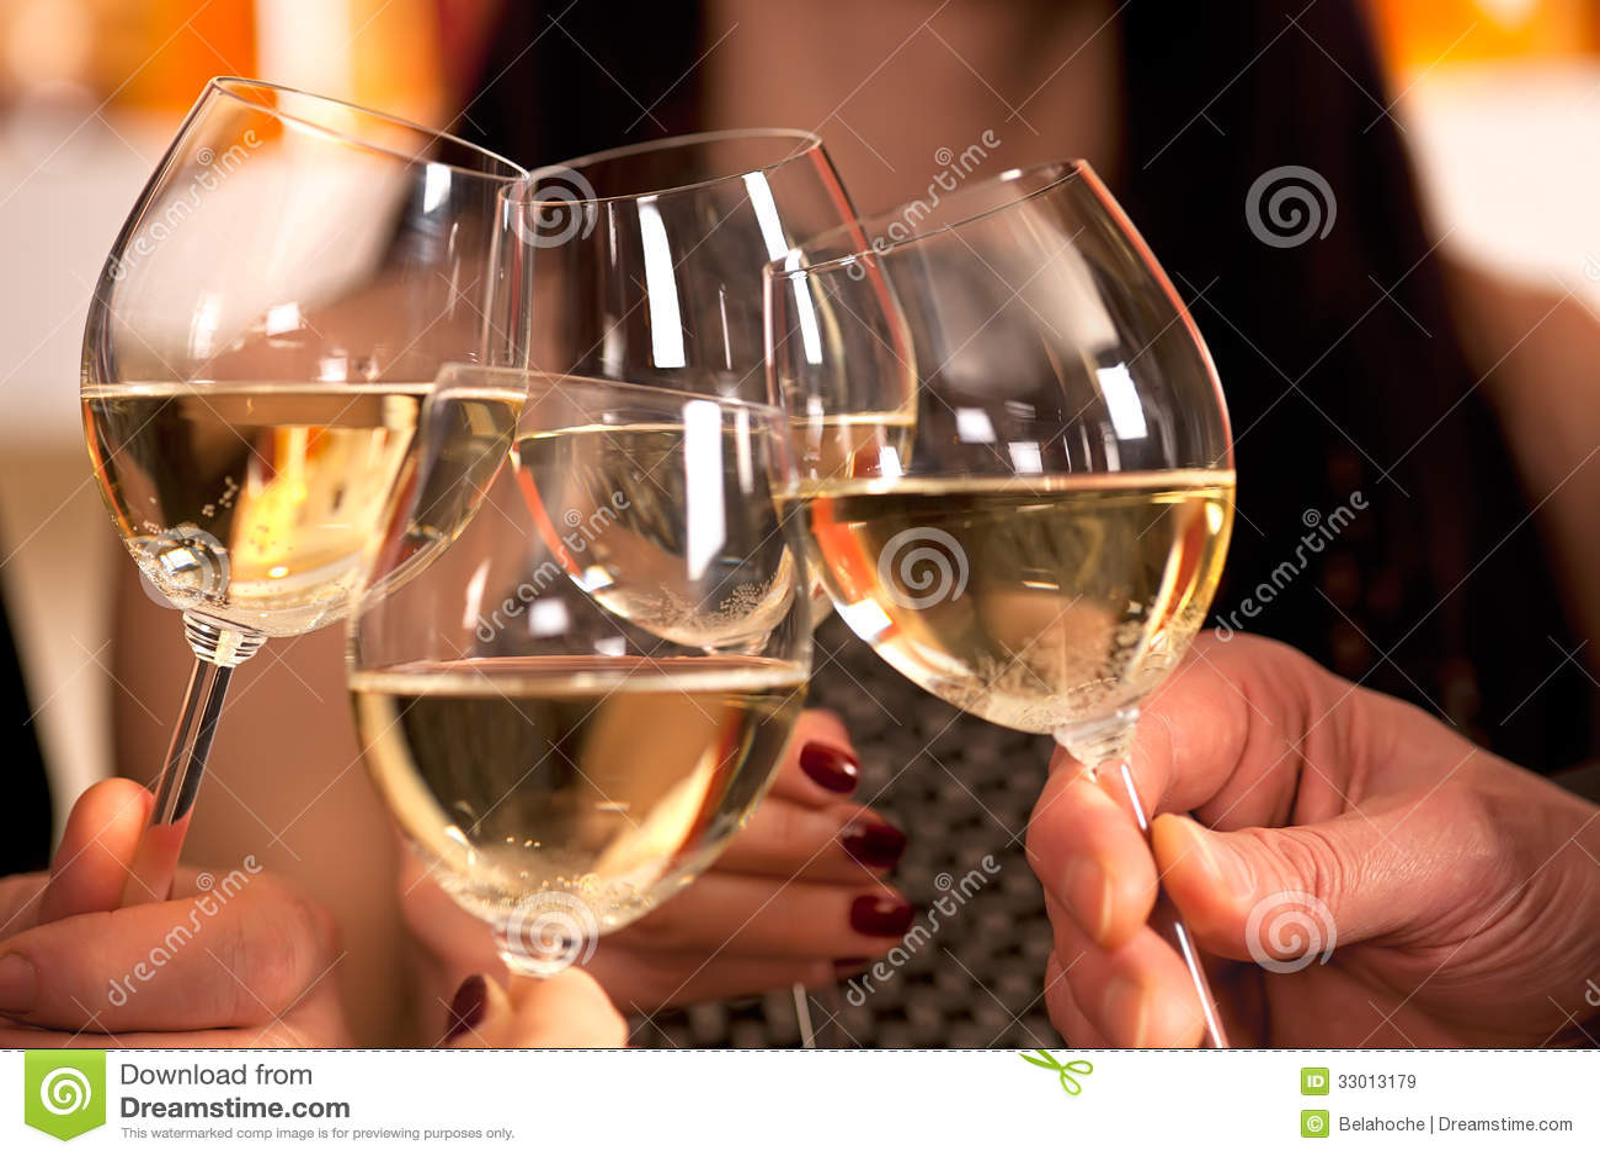 Klickende Gläser mit Weißwein.